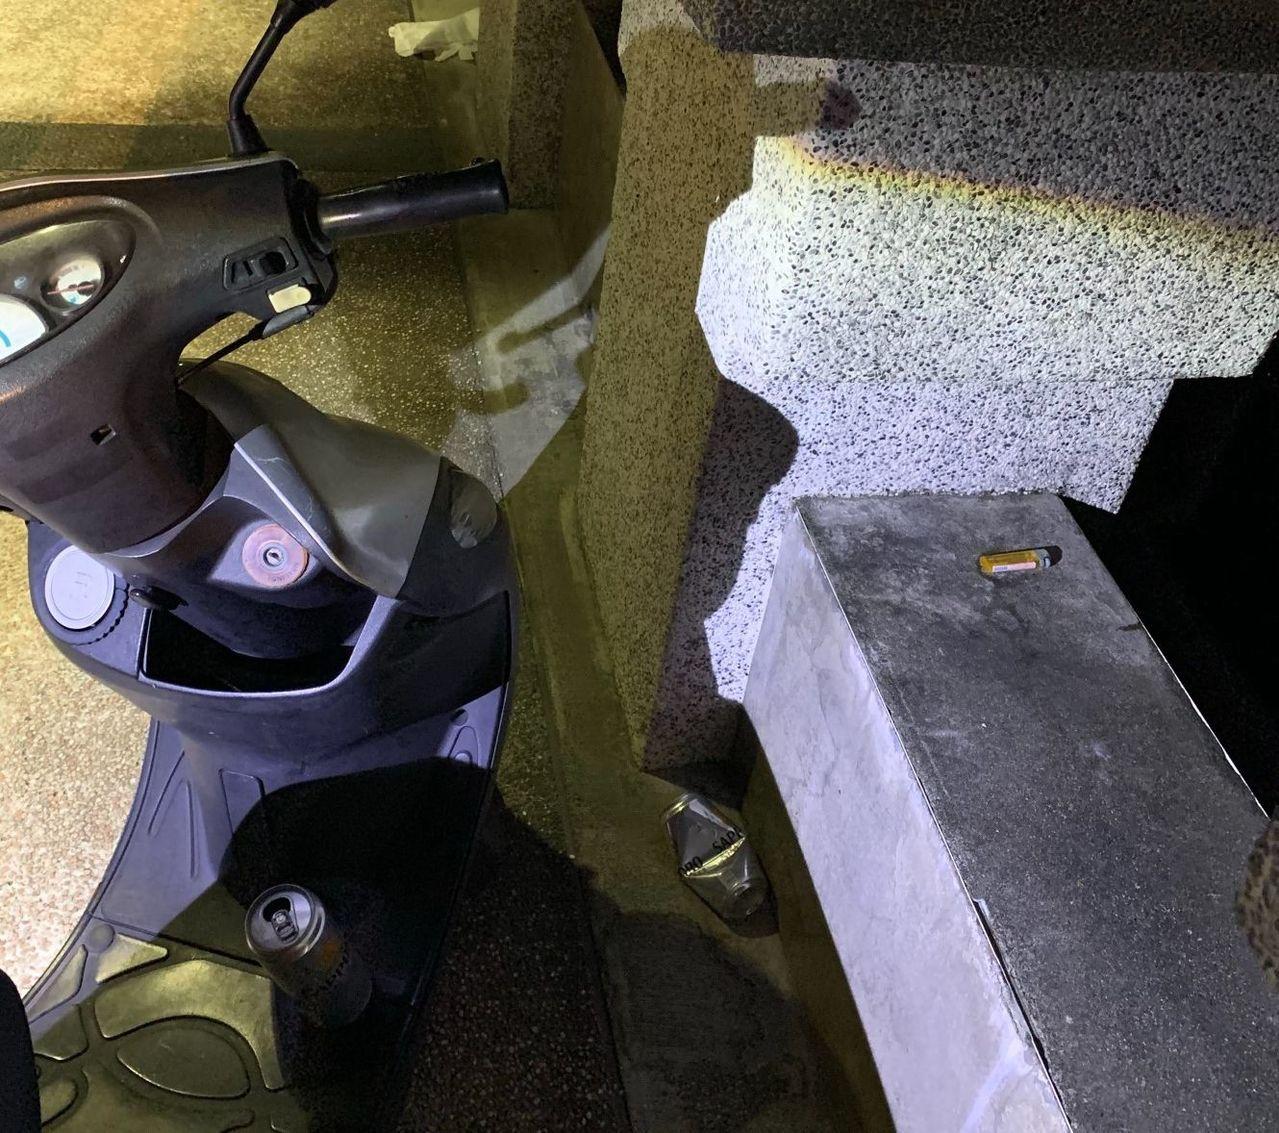 警、消救上羅女後,在她的機車踏板發現啤酒罐。圖/讀者提供